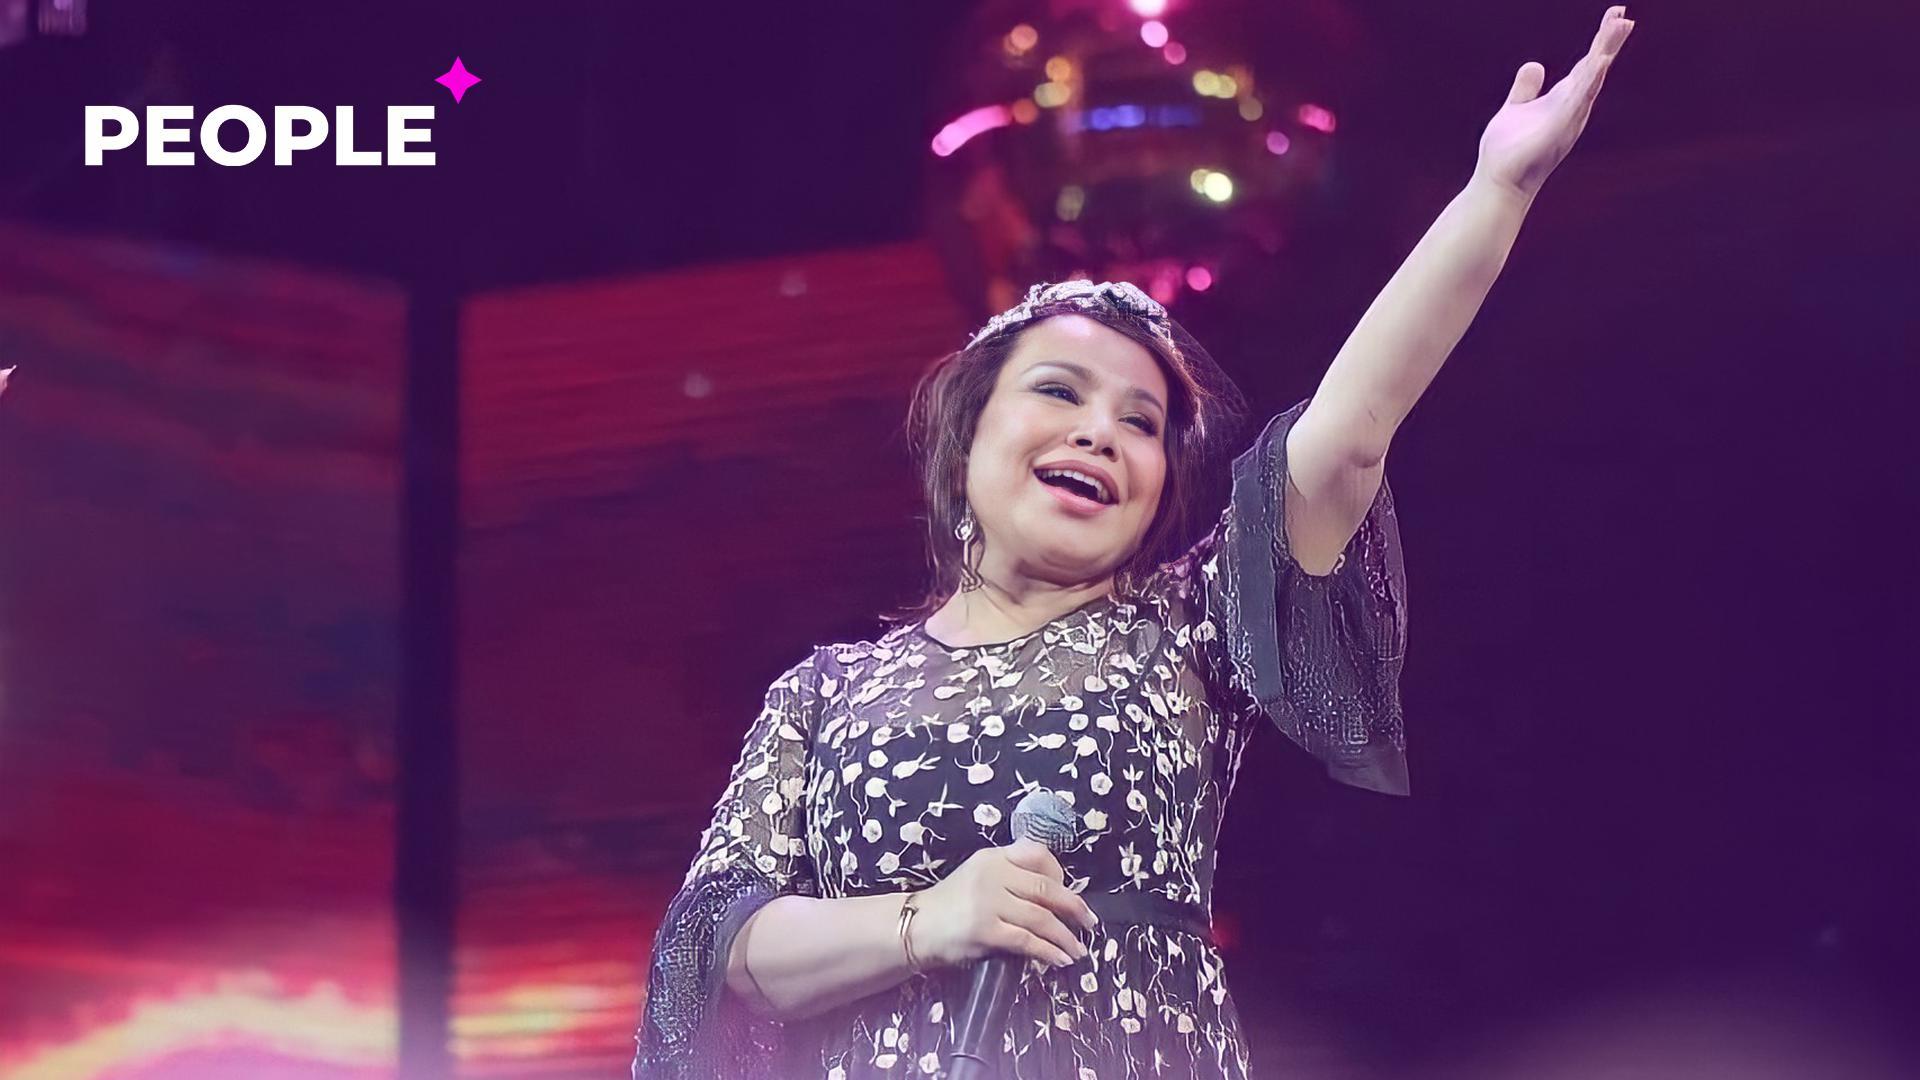 Юлдуз Усманова провела грандиозное шоу в Душанбе